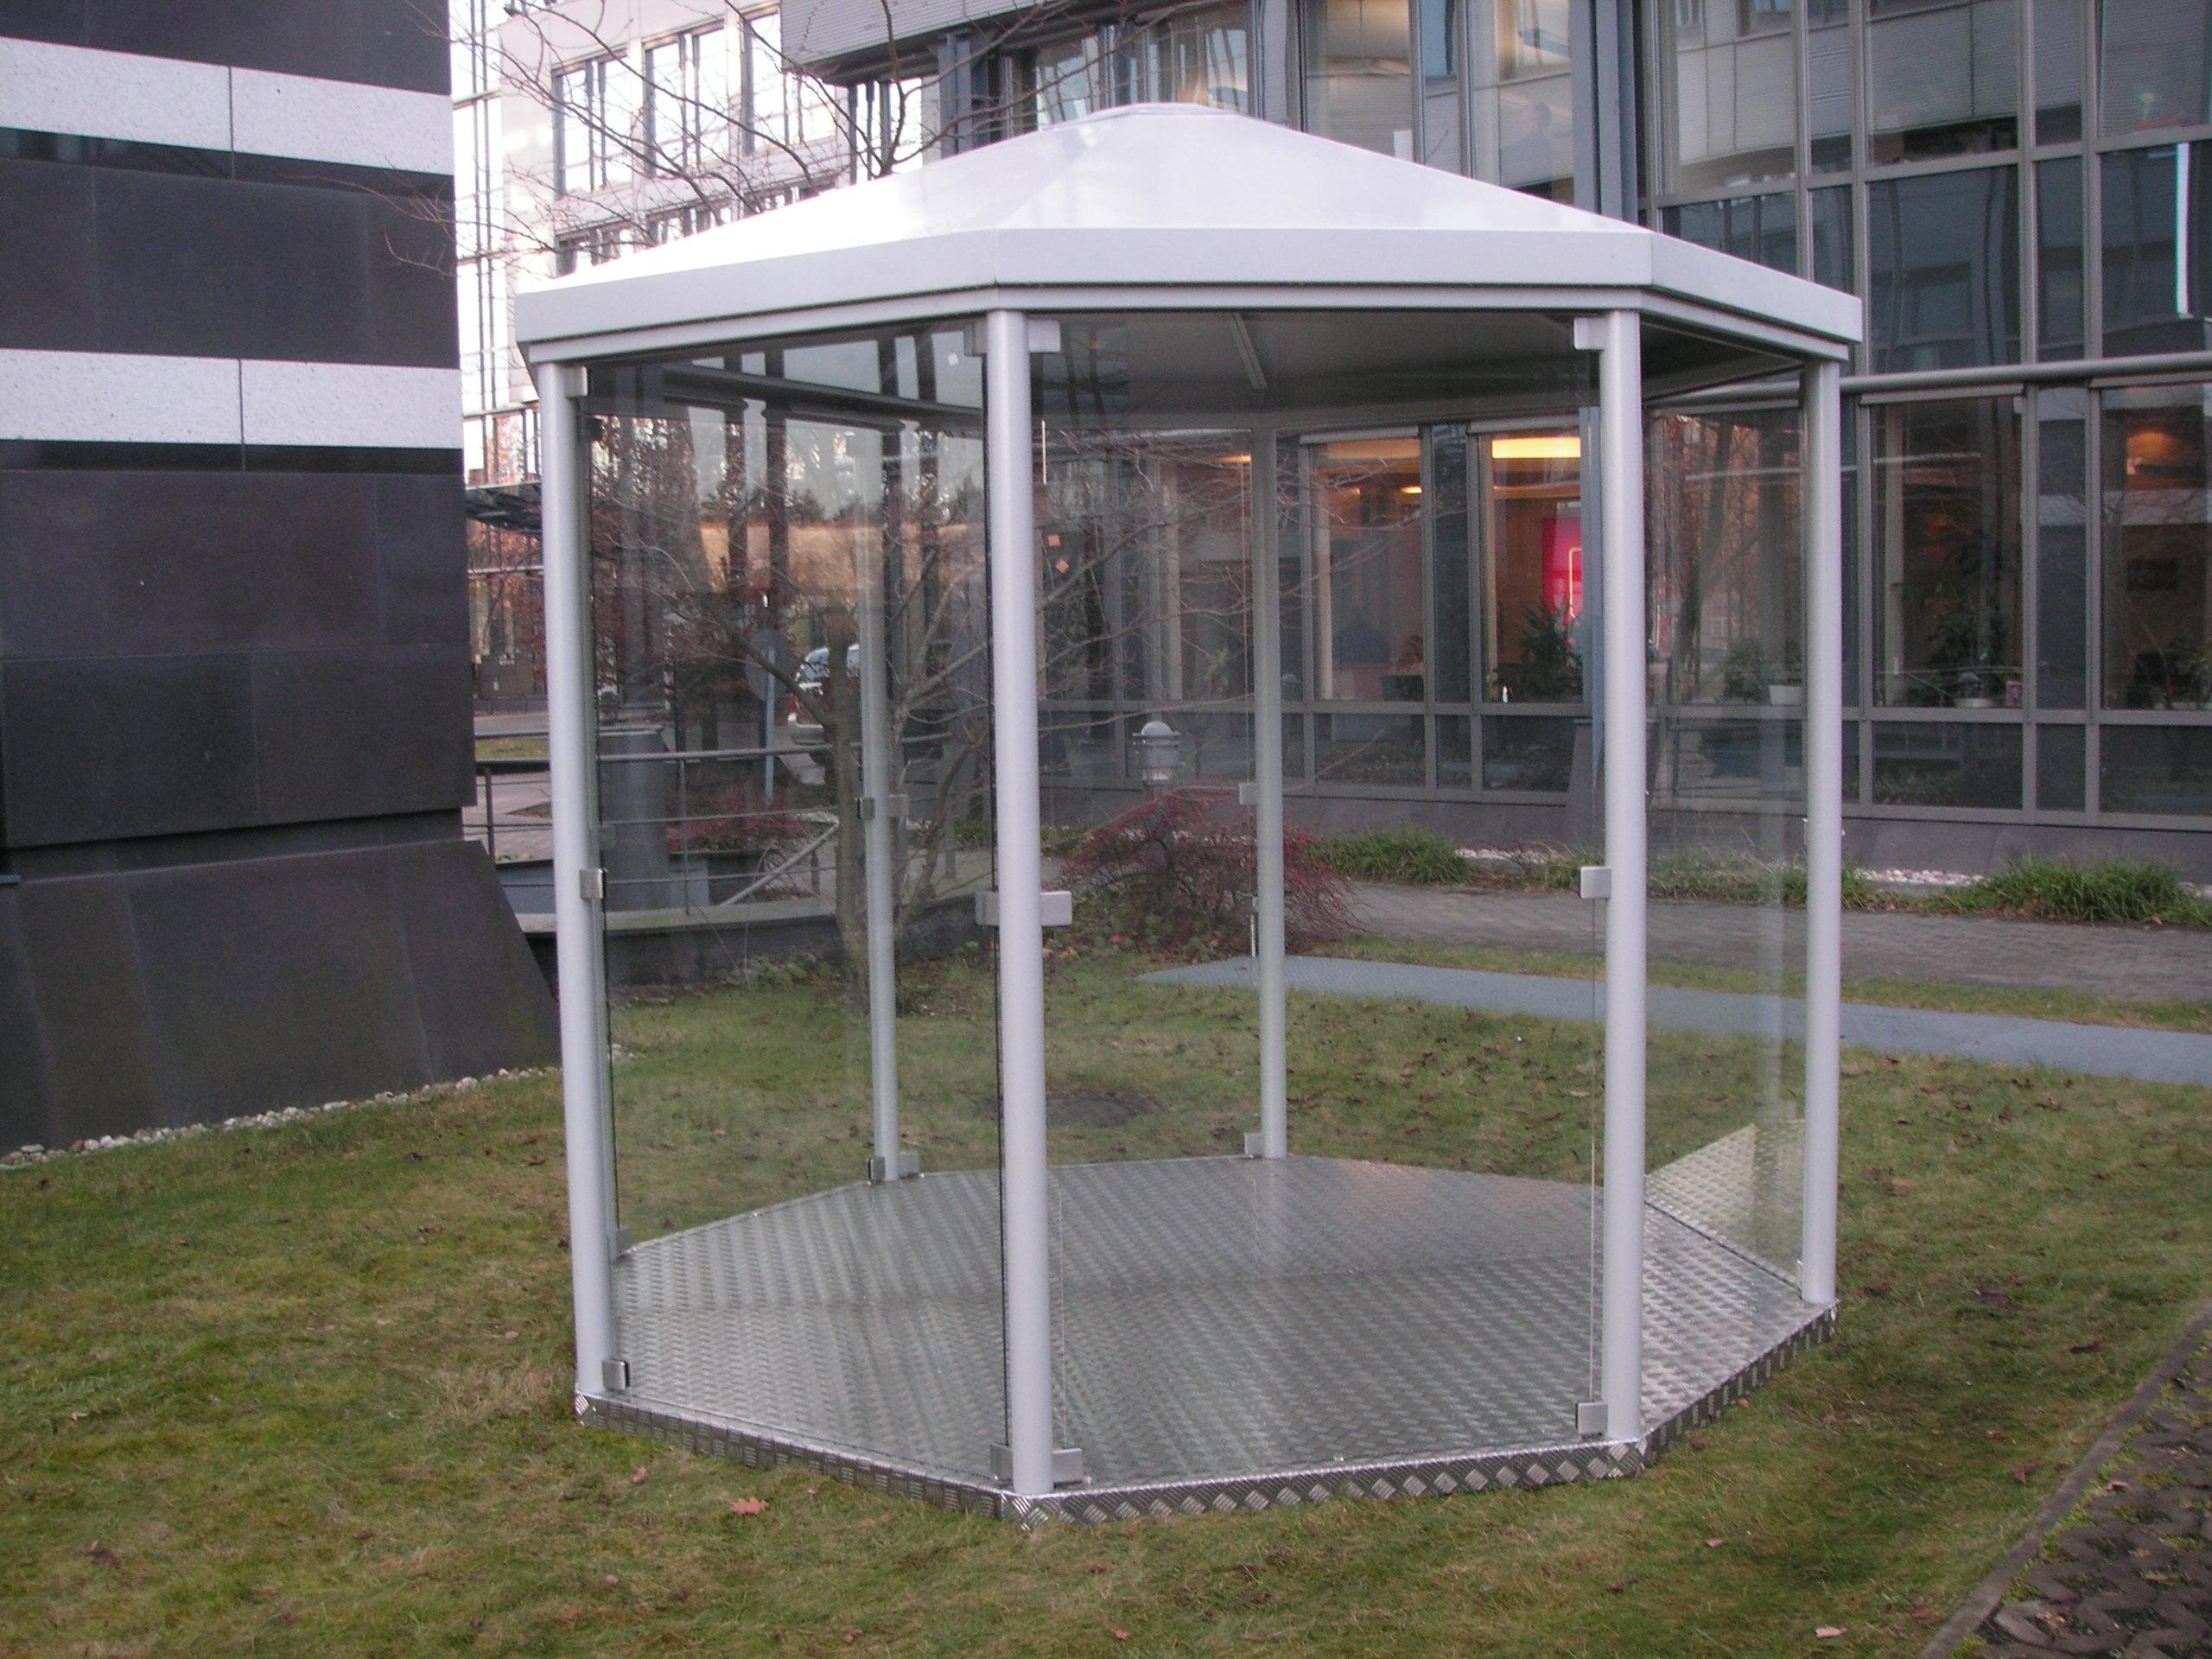 Raucherinsel Smoker Point Glas Raucherabteil Bushaltestelle Haltestelle Bahnhof Warteraum Pavillon